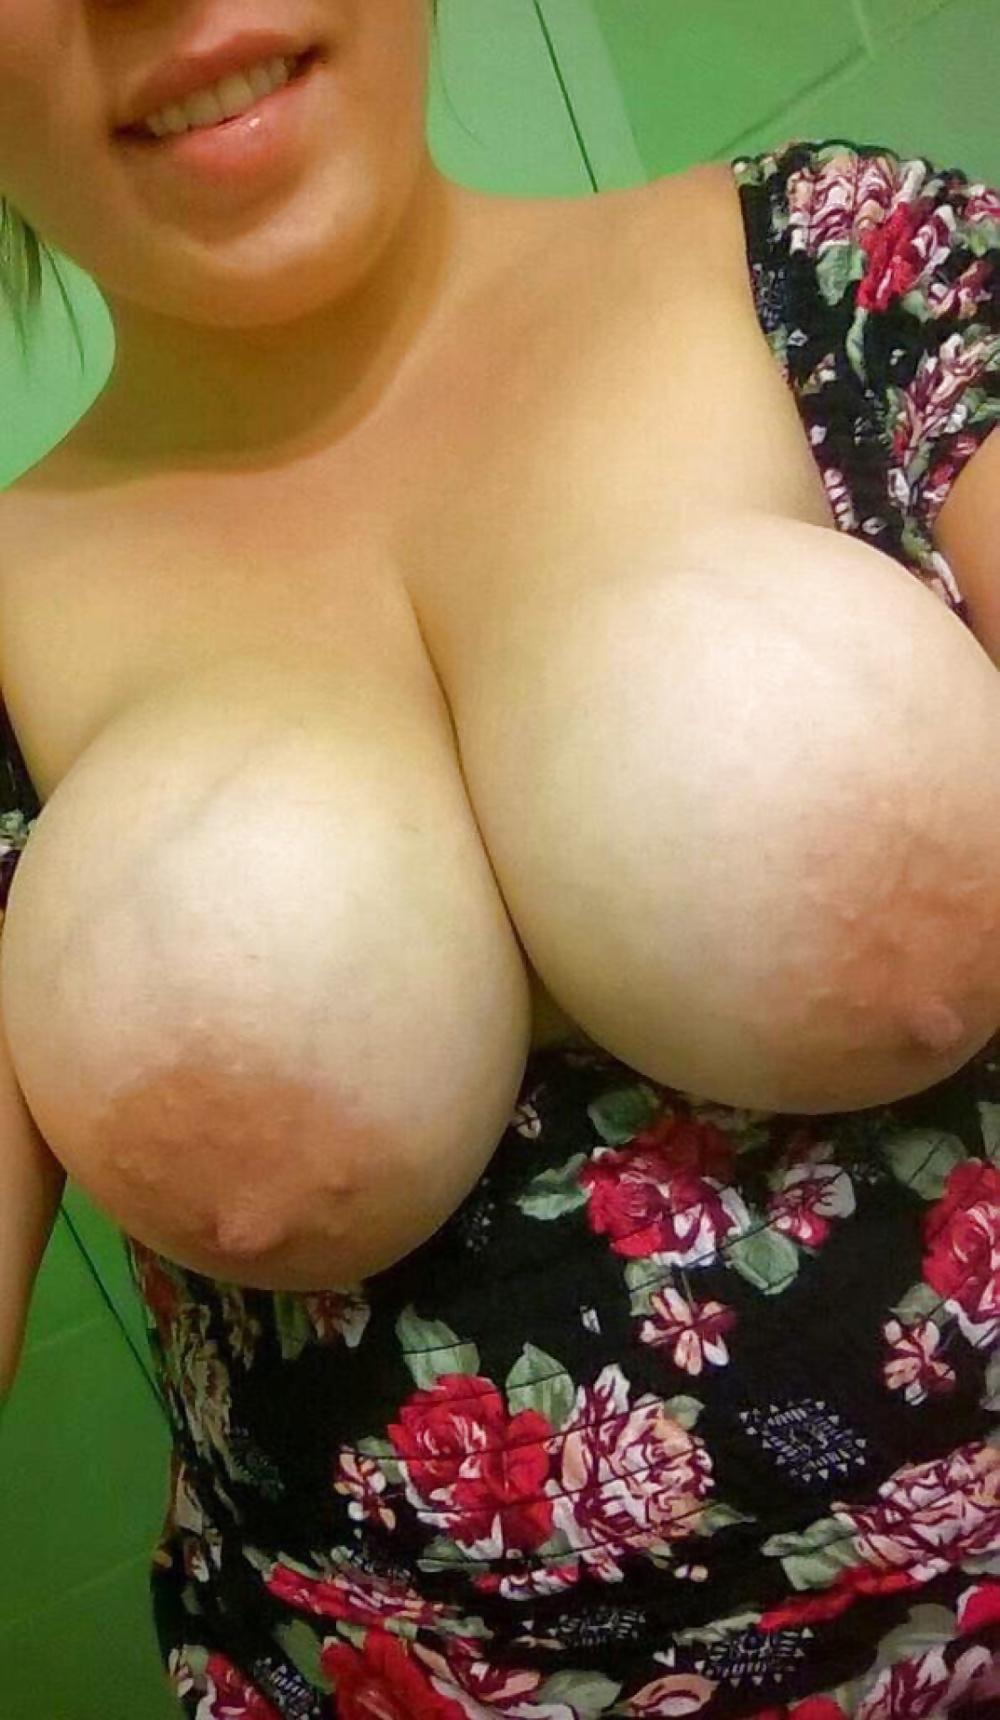 Geile Dirne brüste sich mit leckeren grossen Büsten. - Bild 5